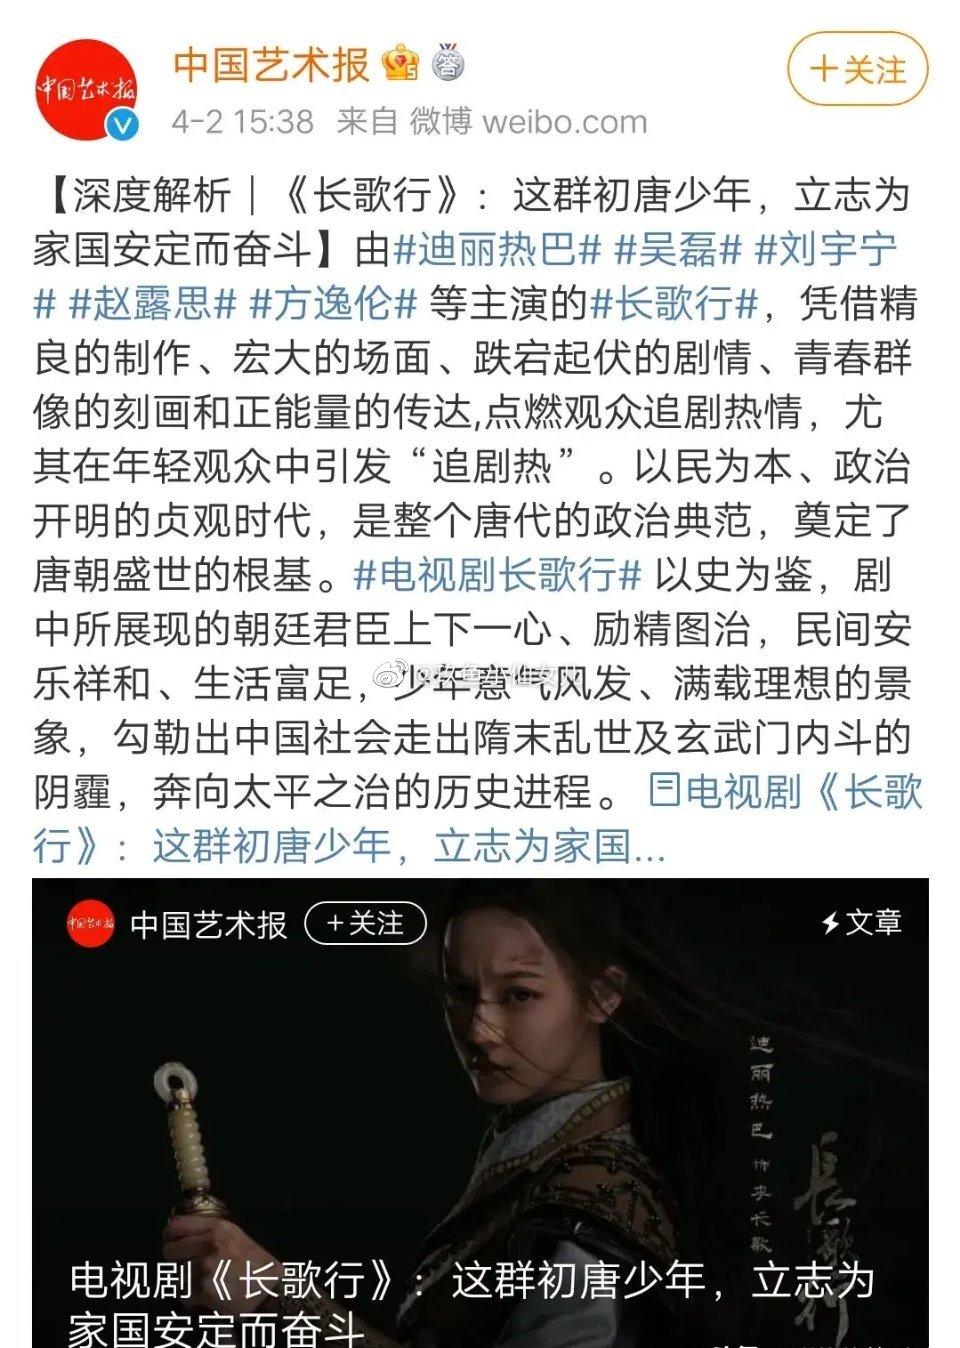 迪丽热巴《长歌行》被中国文协《中国艺术报》报道,外网追捧认可